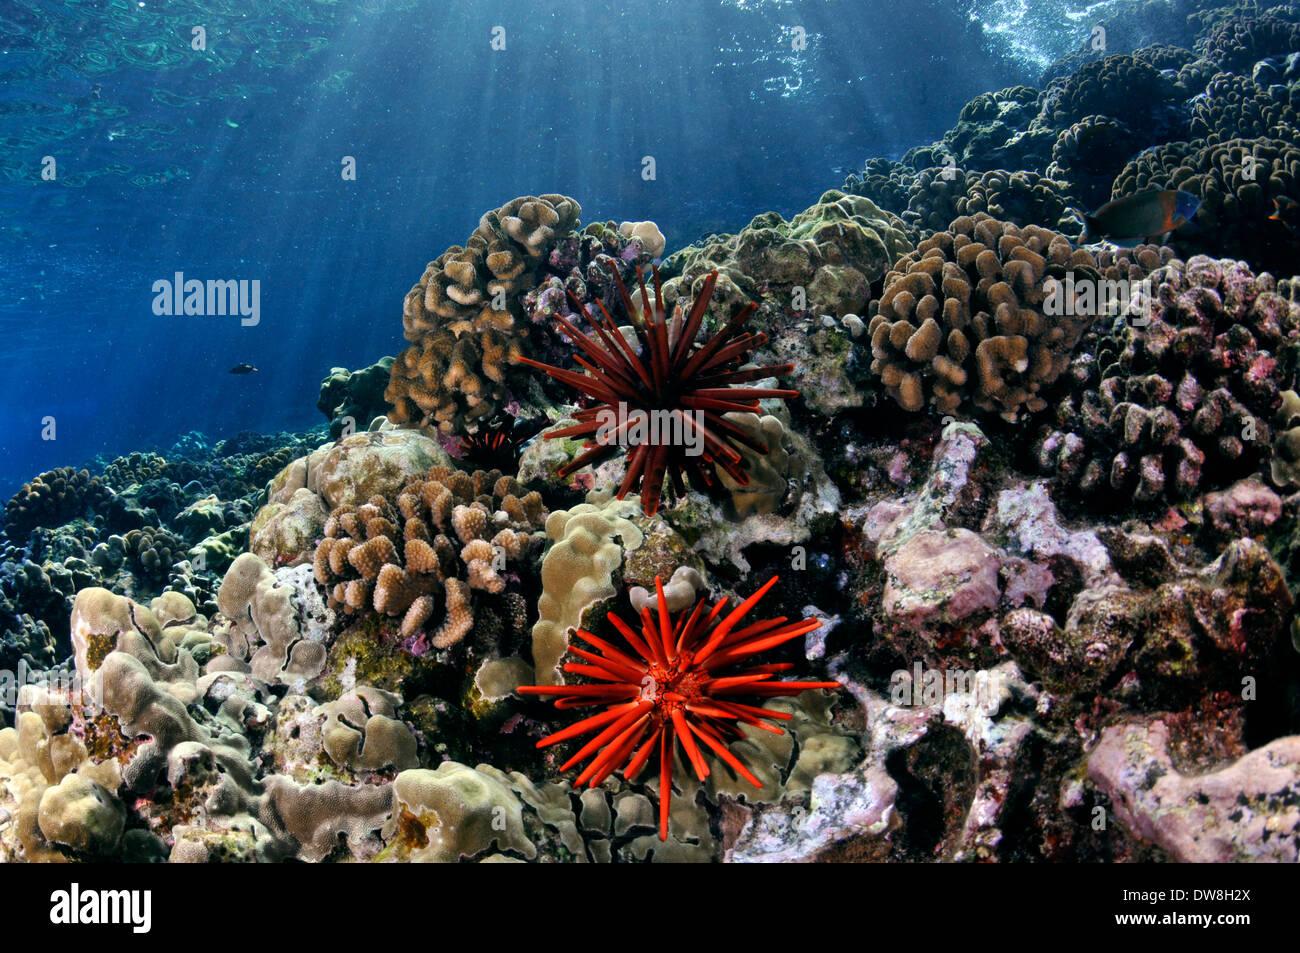 Santé des récifs de corail avec un crayon rouge, de l'oursin Heterocentrotus mamillatus, Molokini, Maui, Hawaii, USA Photo Stock